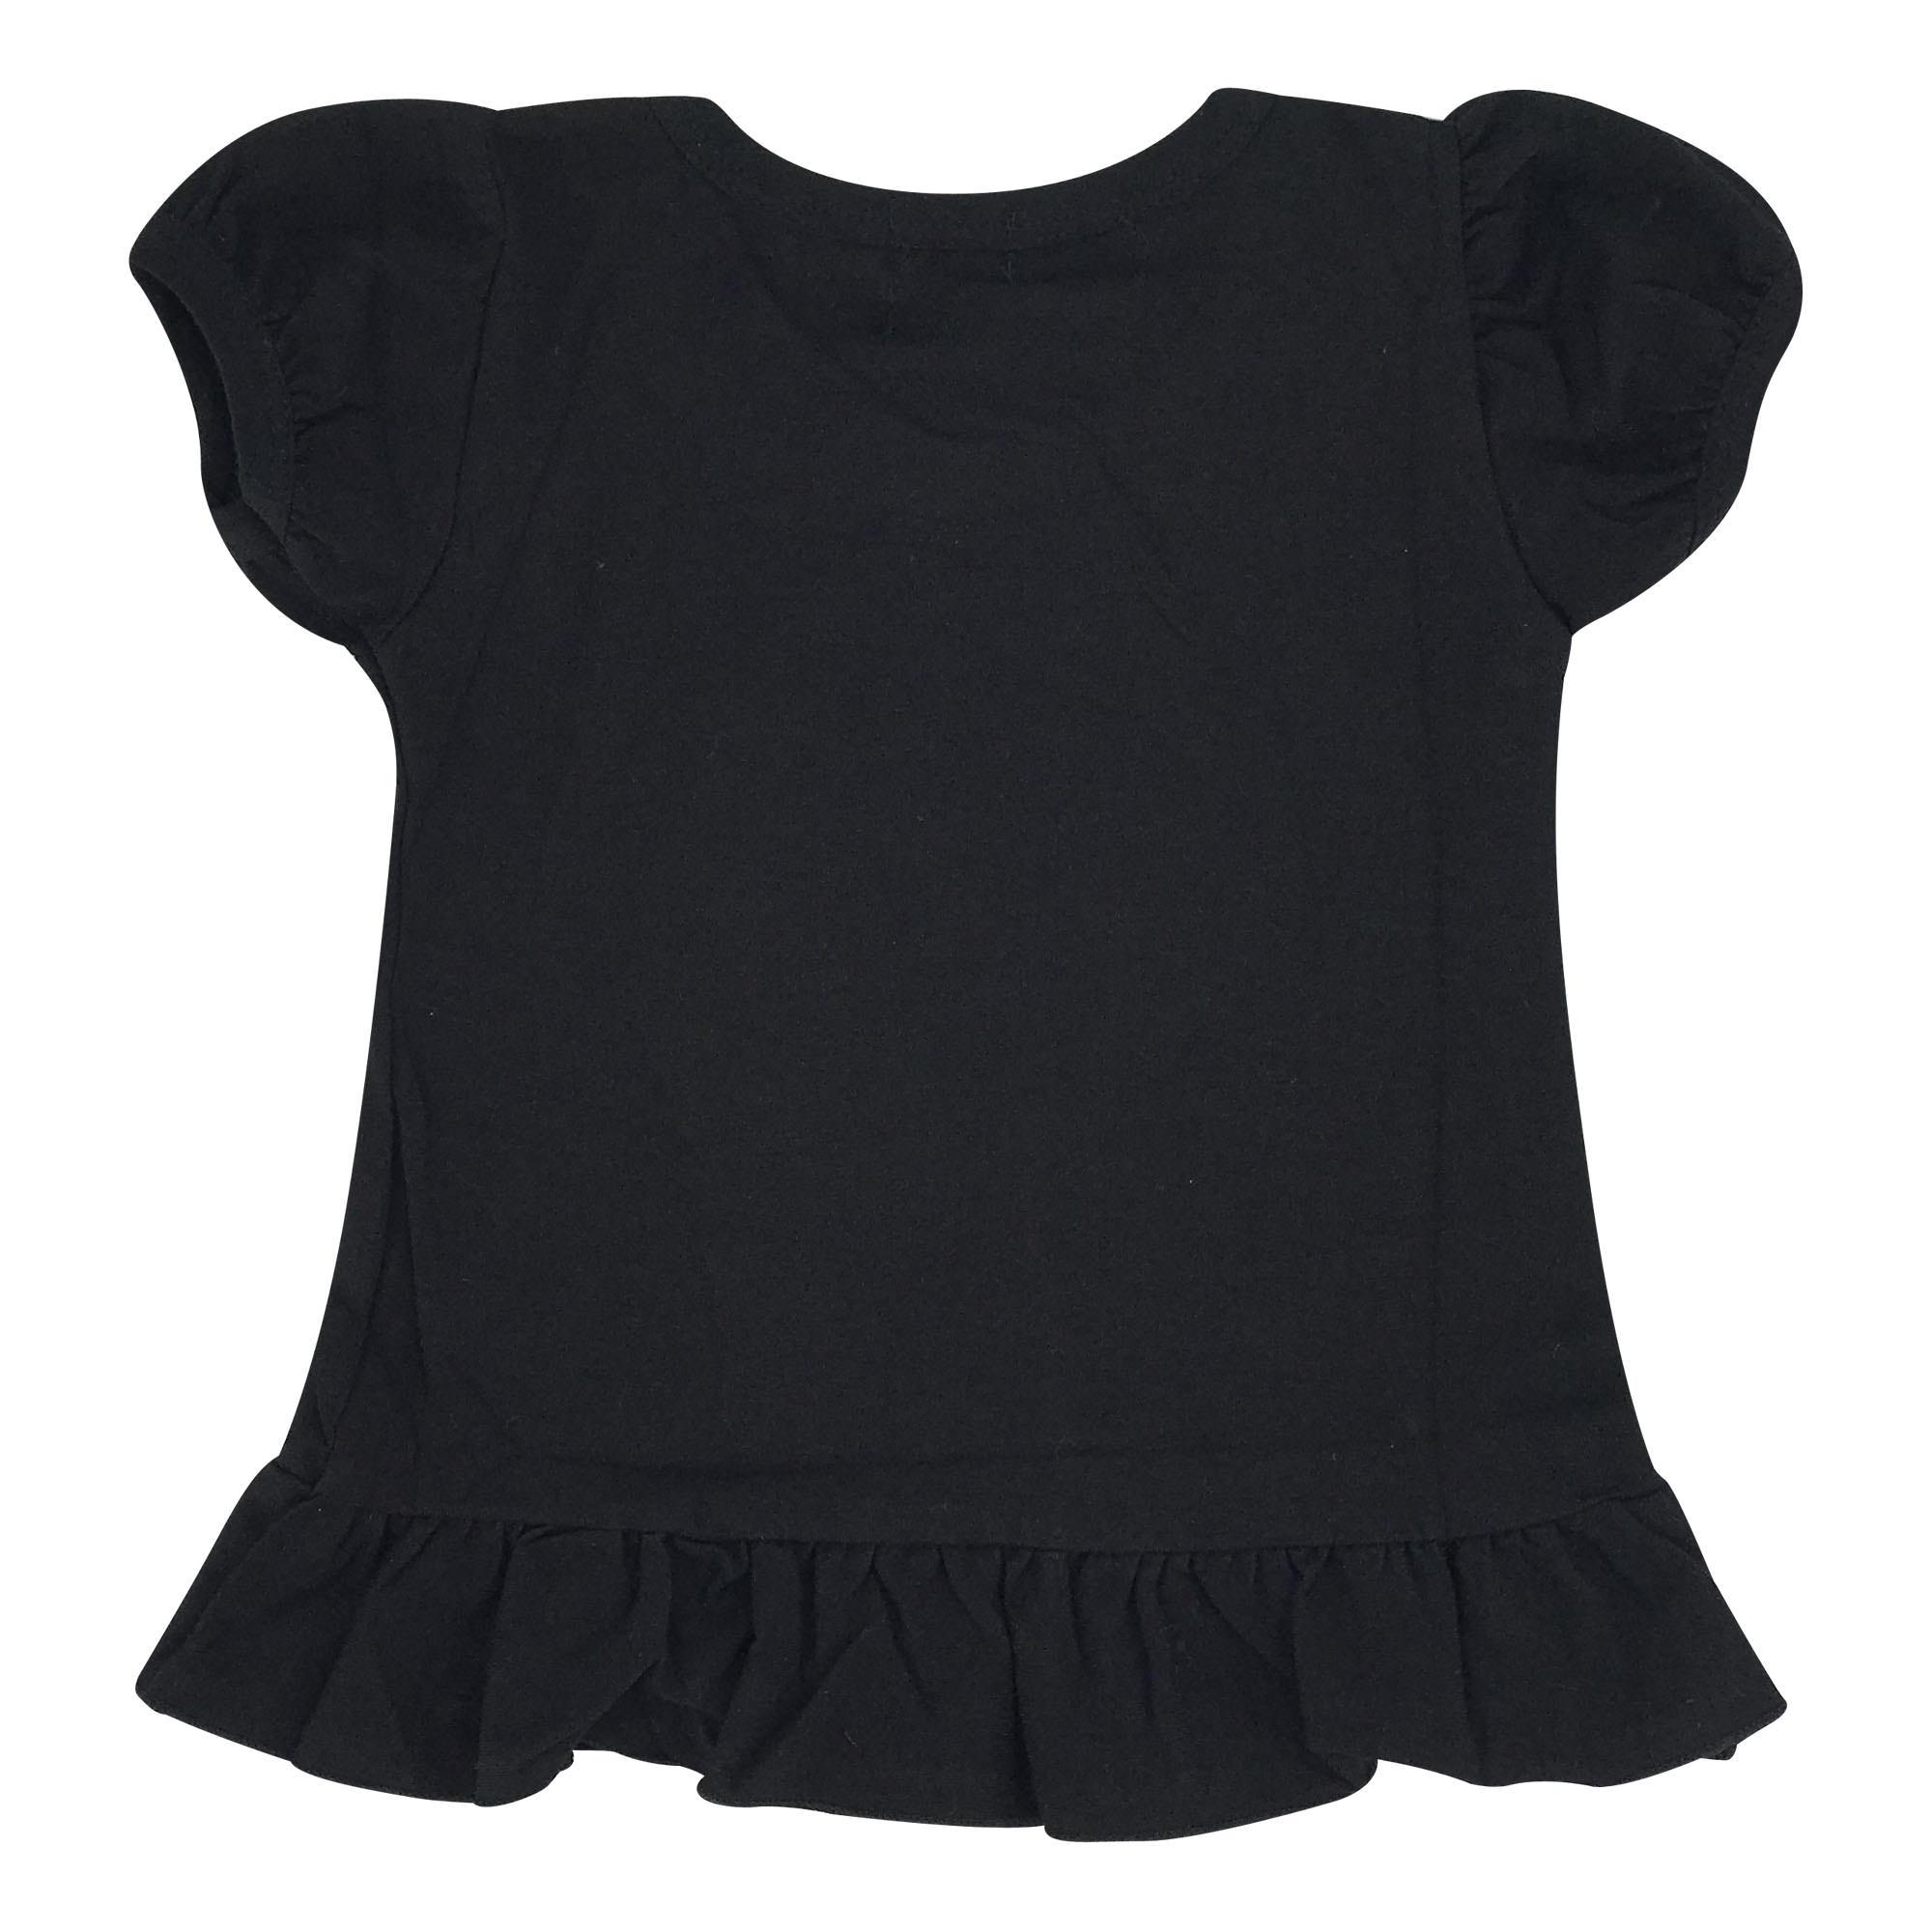 Girls Halloween Pumpkin Shirt Boutique Toddler Kids Clothes 2t 3t 4t USA